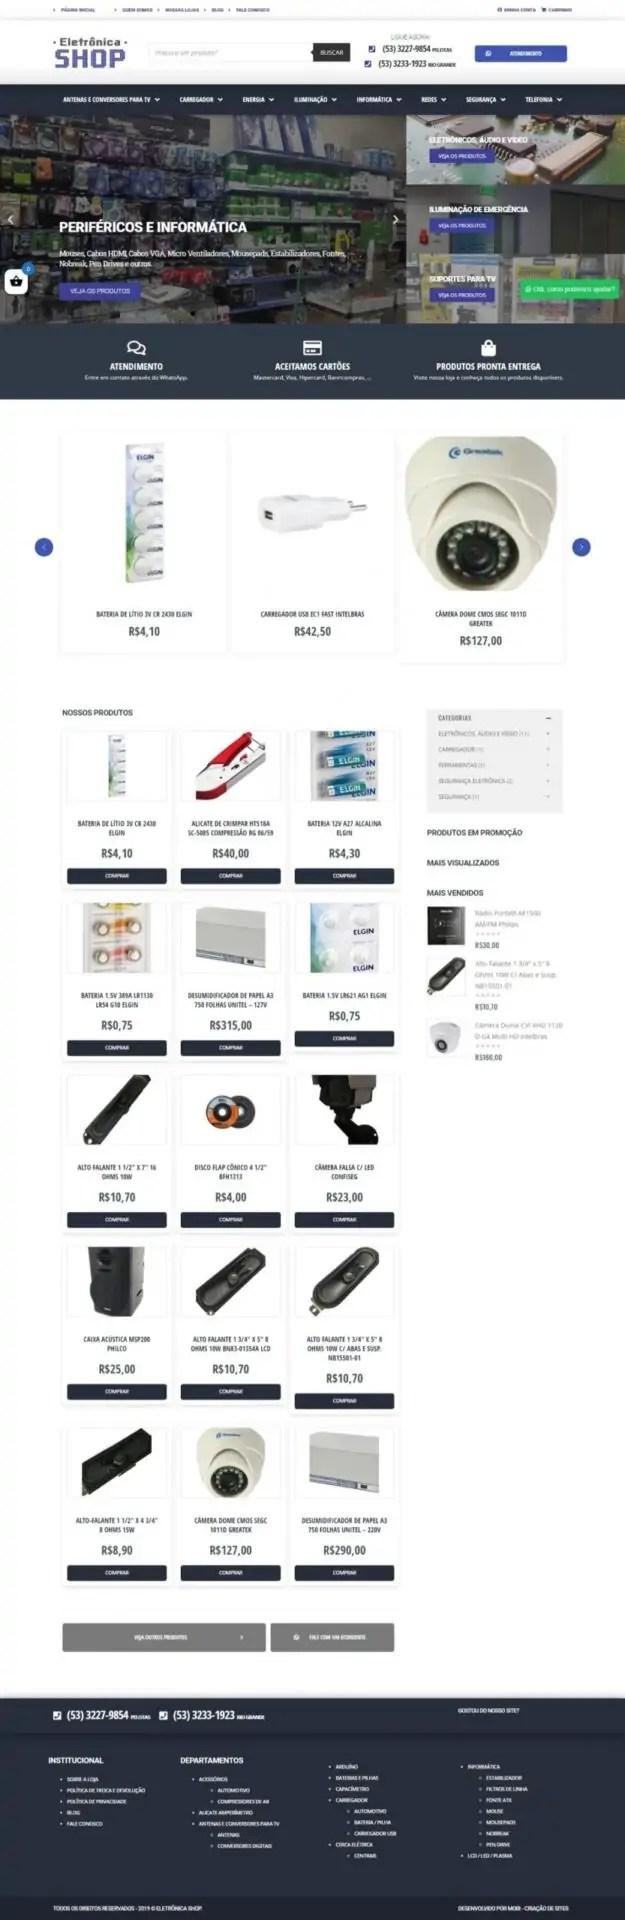 Captura da Web_8-2-2021_172735_www.eletronicashop.com